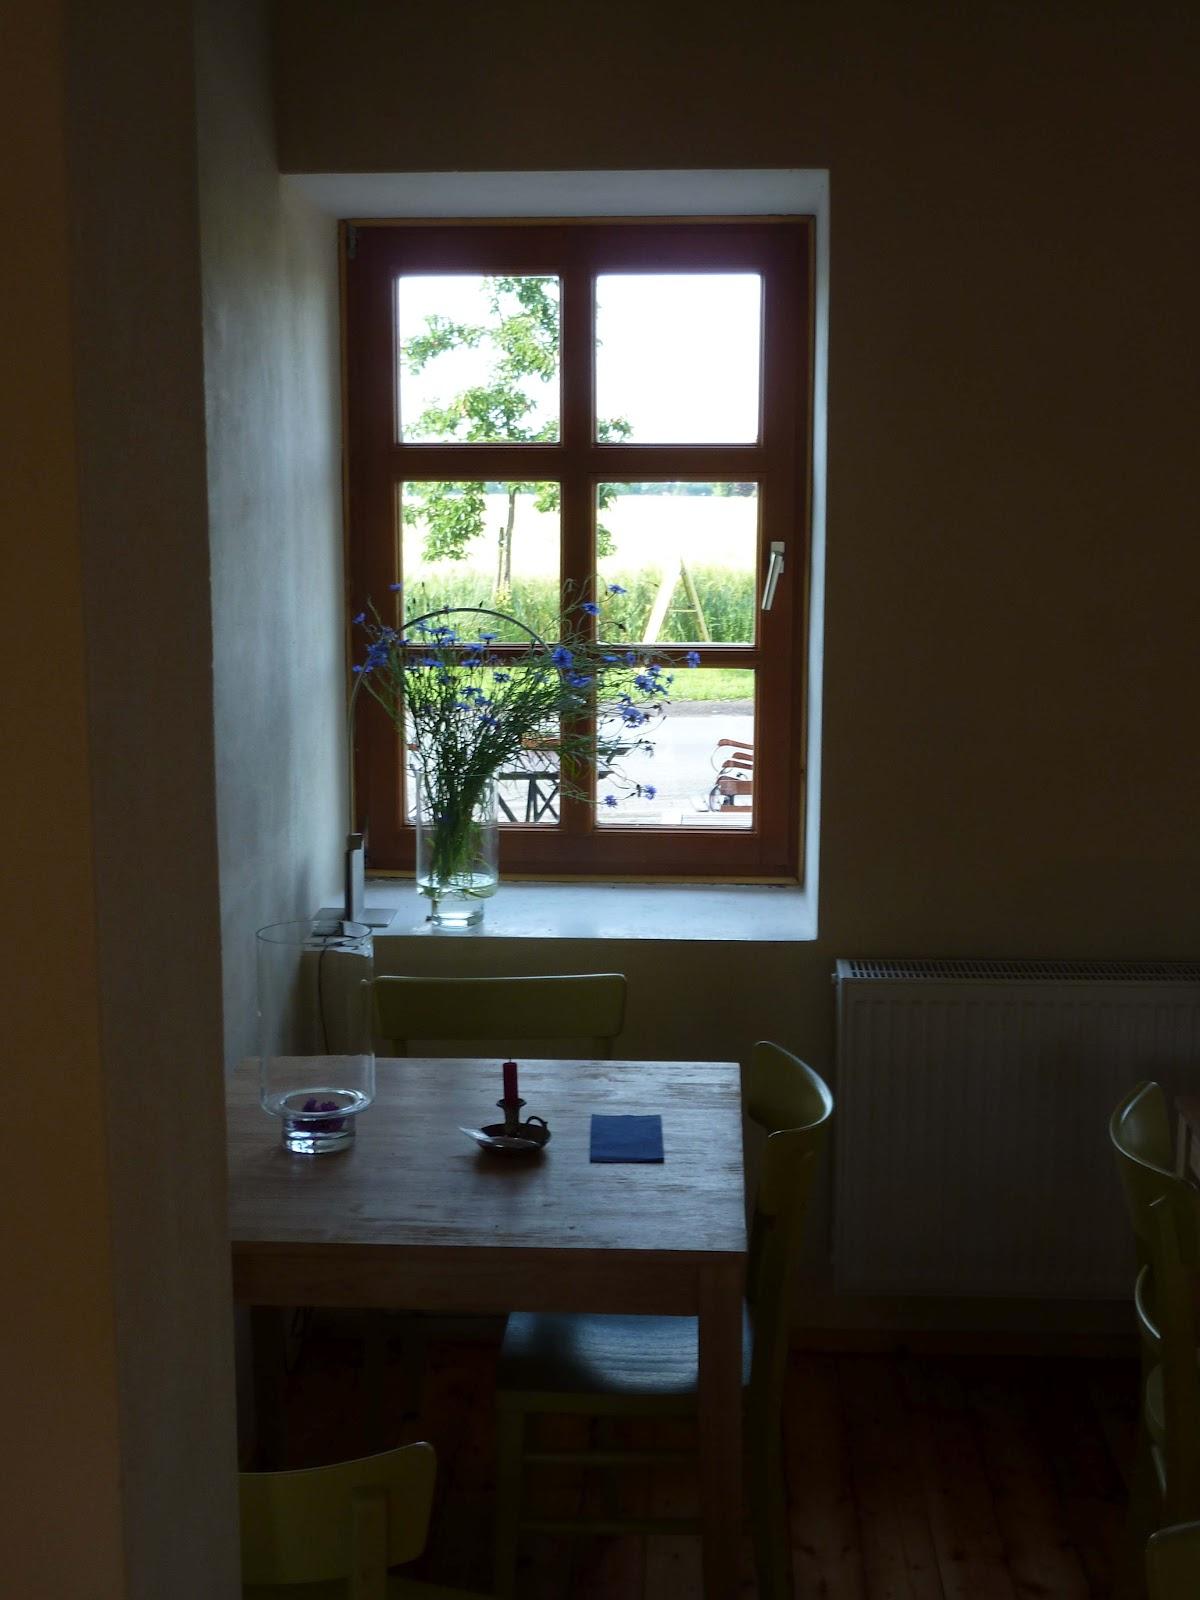 Das kleine caf am moore einige bilder vom sonntag 17 for Fenster 0 95